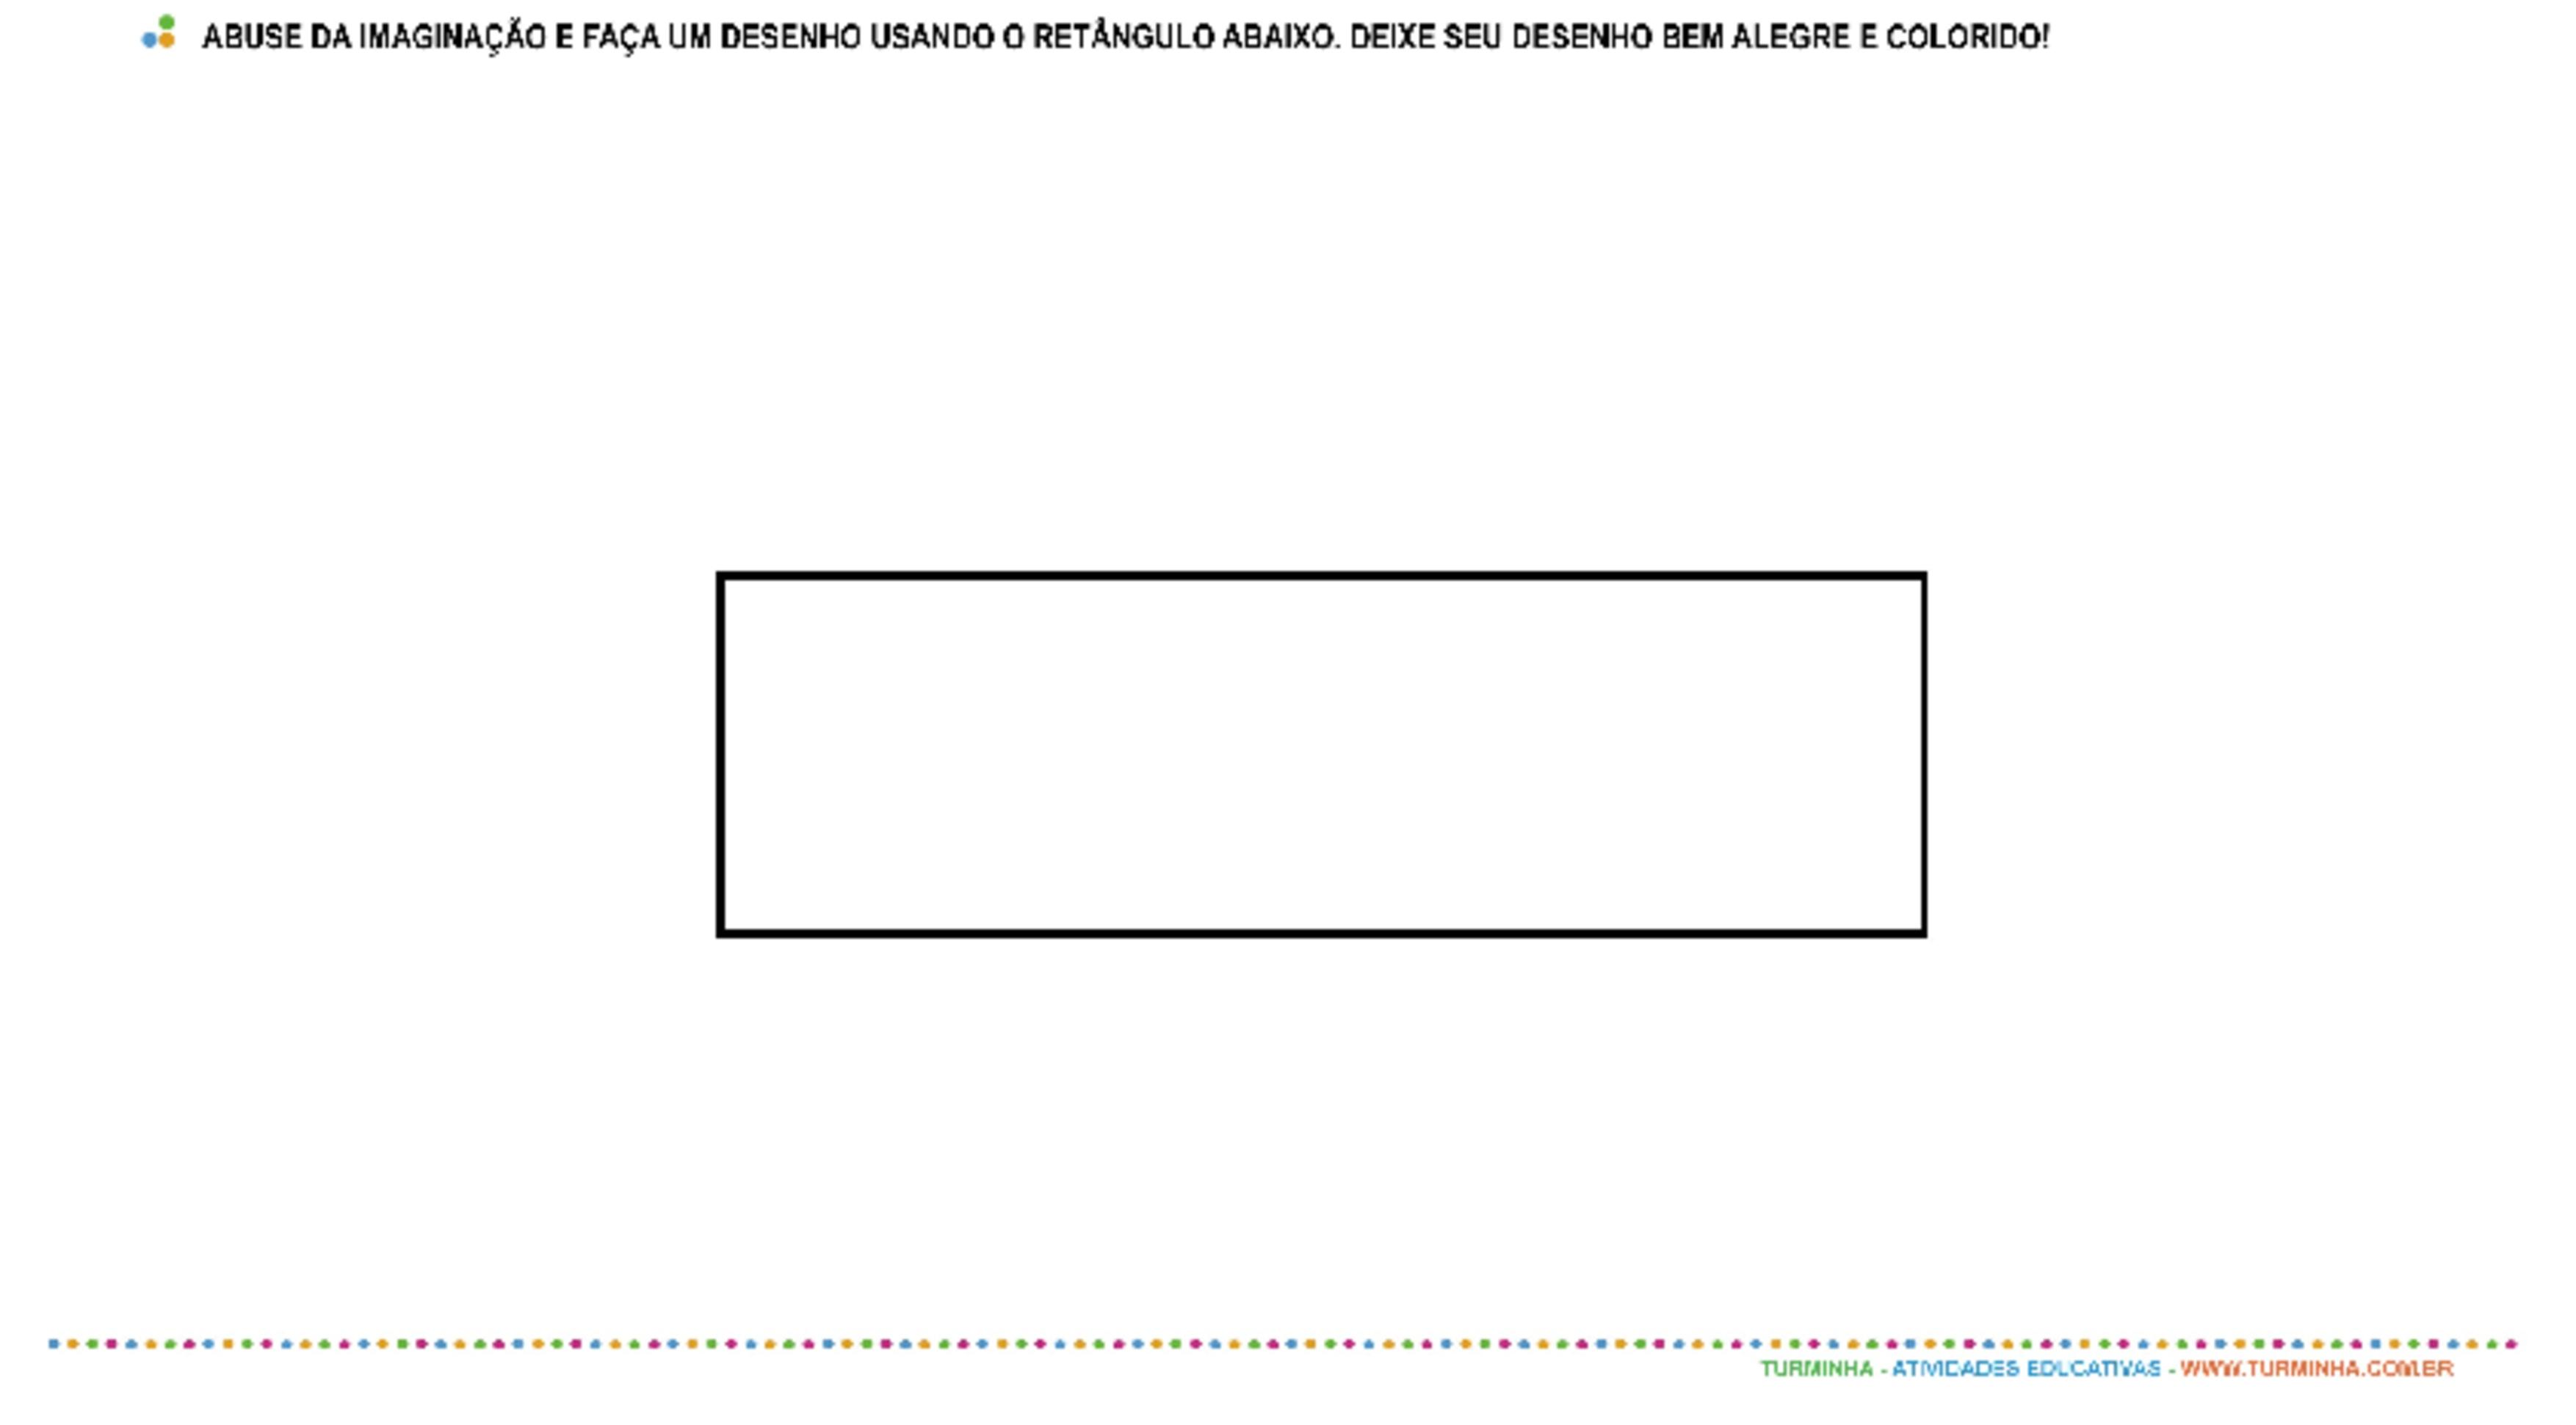 Formas Geométricas - Retângulo - atividade educativa para Pré-Escola (4 e 5 anos)